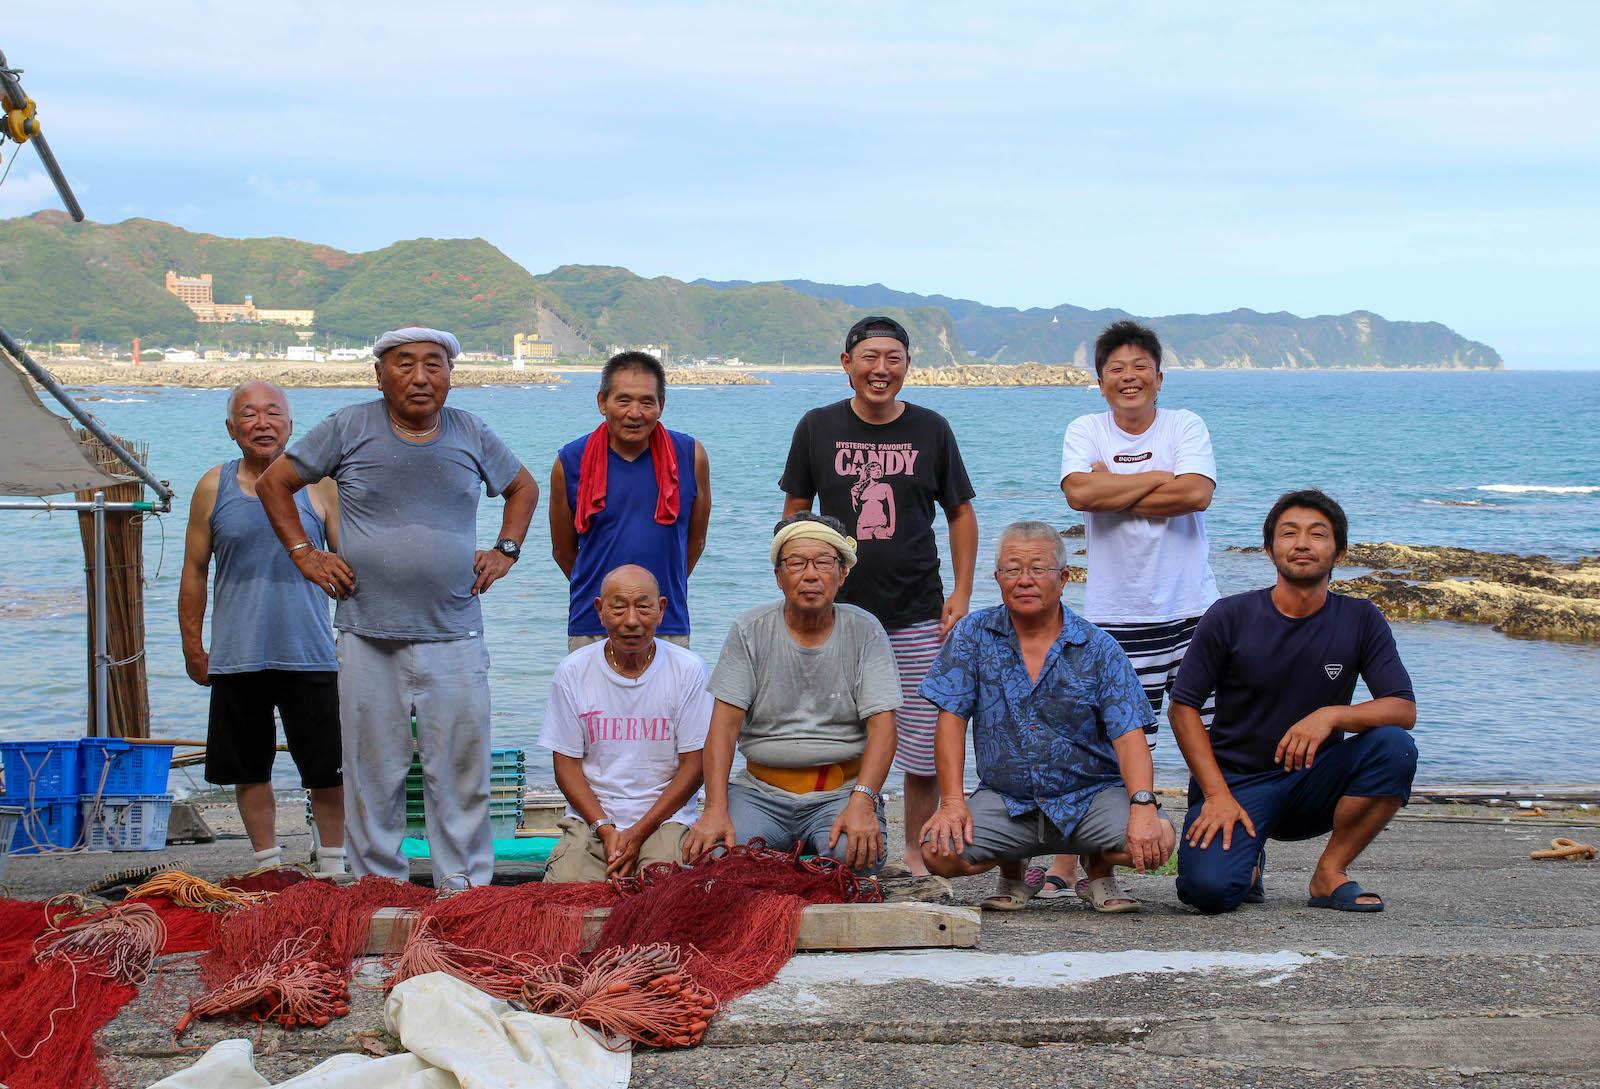 引土地区に暮らす漁師のみなさん。(前列右から2番目が金高恵一さん。後列右端が息子の裕司さん)